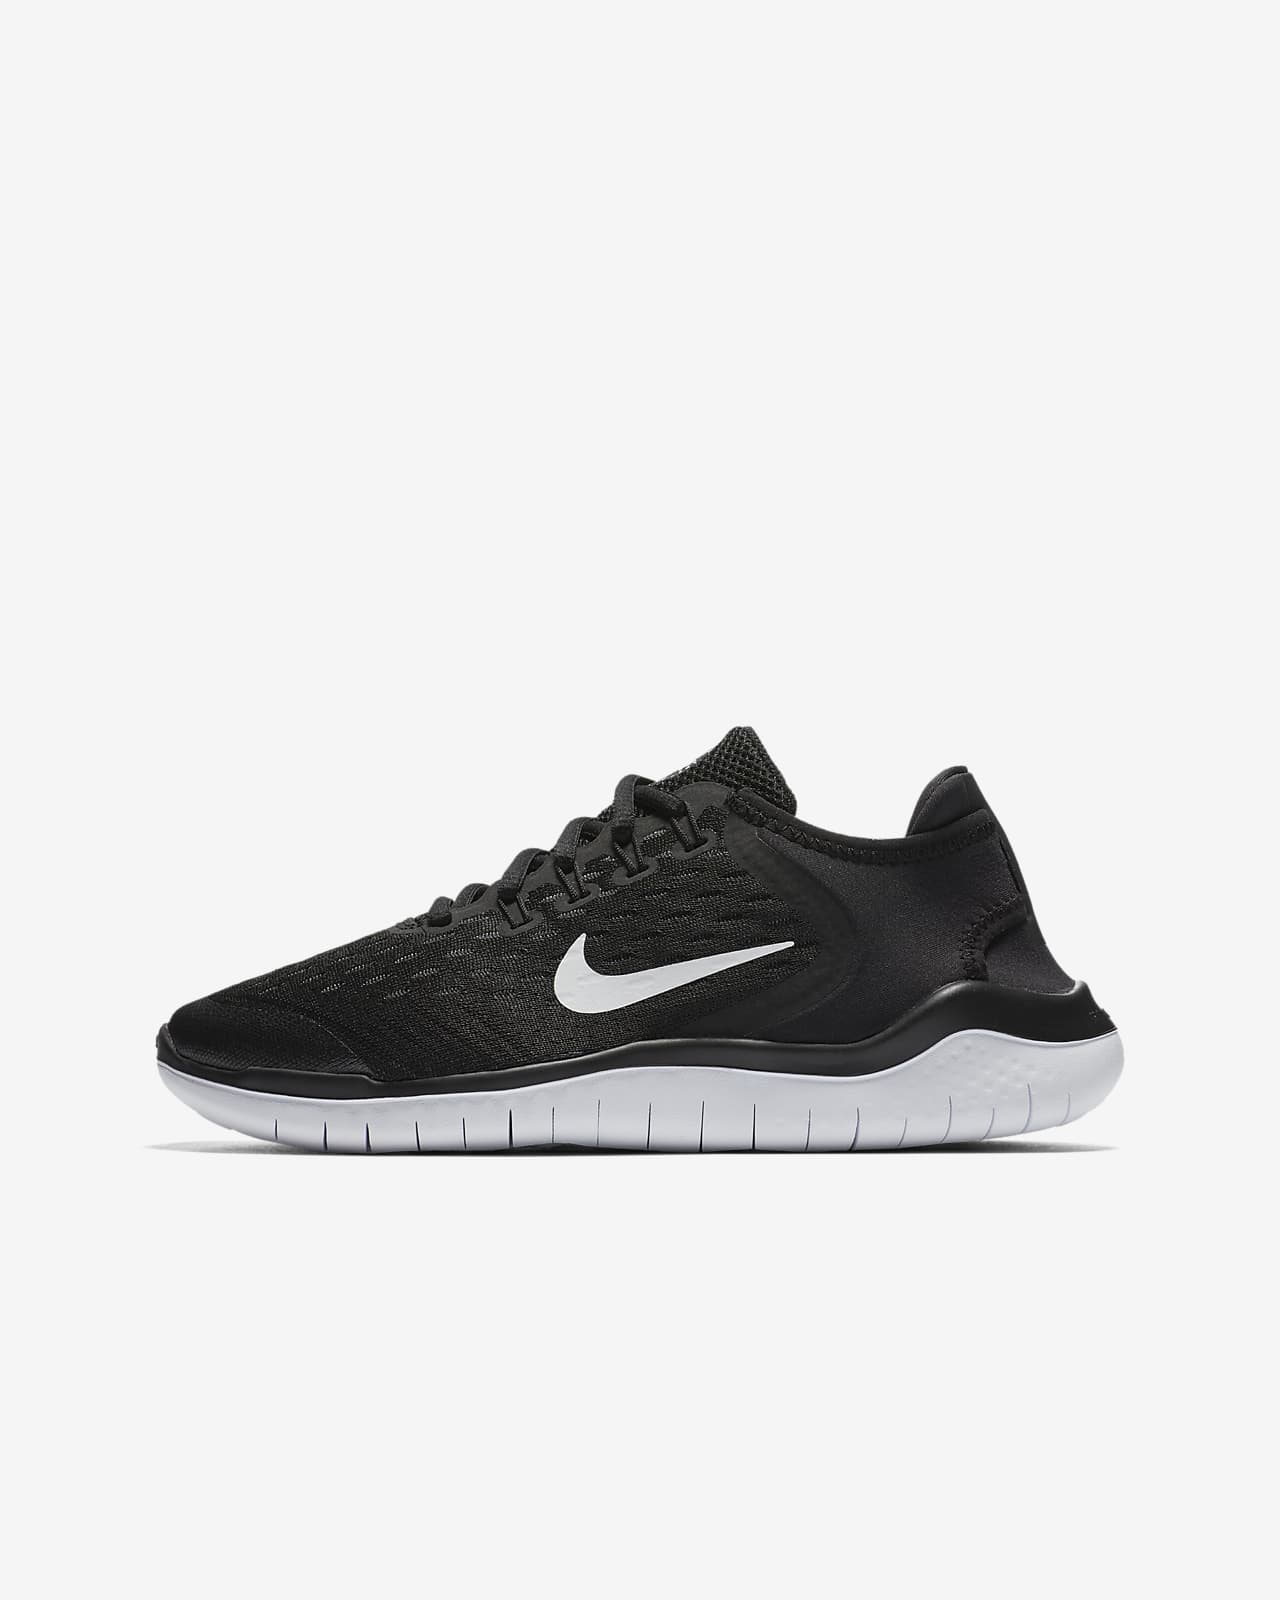 Nike Free RN 2018 Big Kids' Running